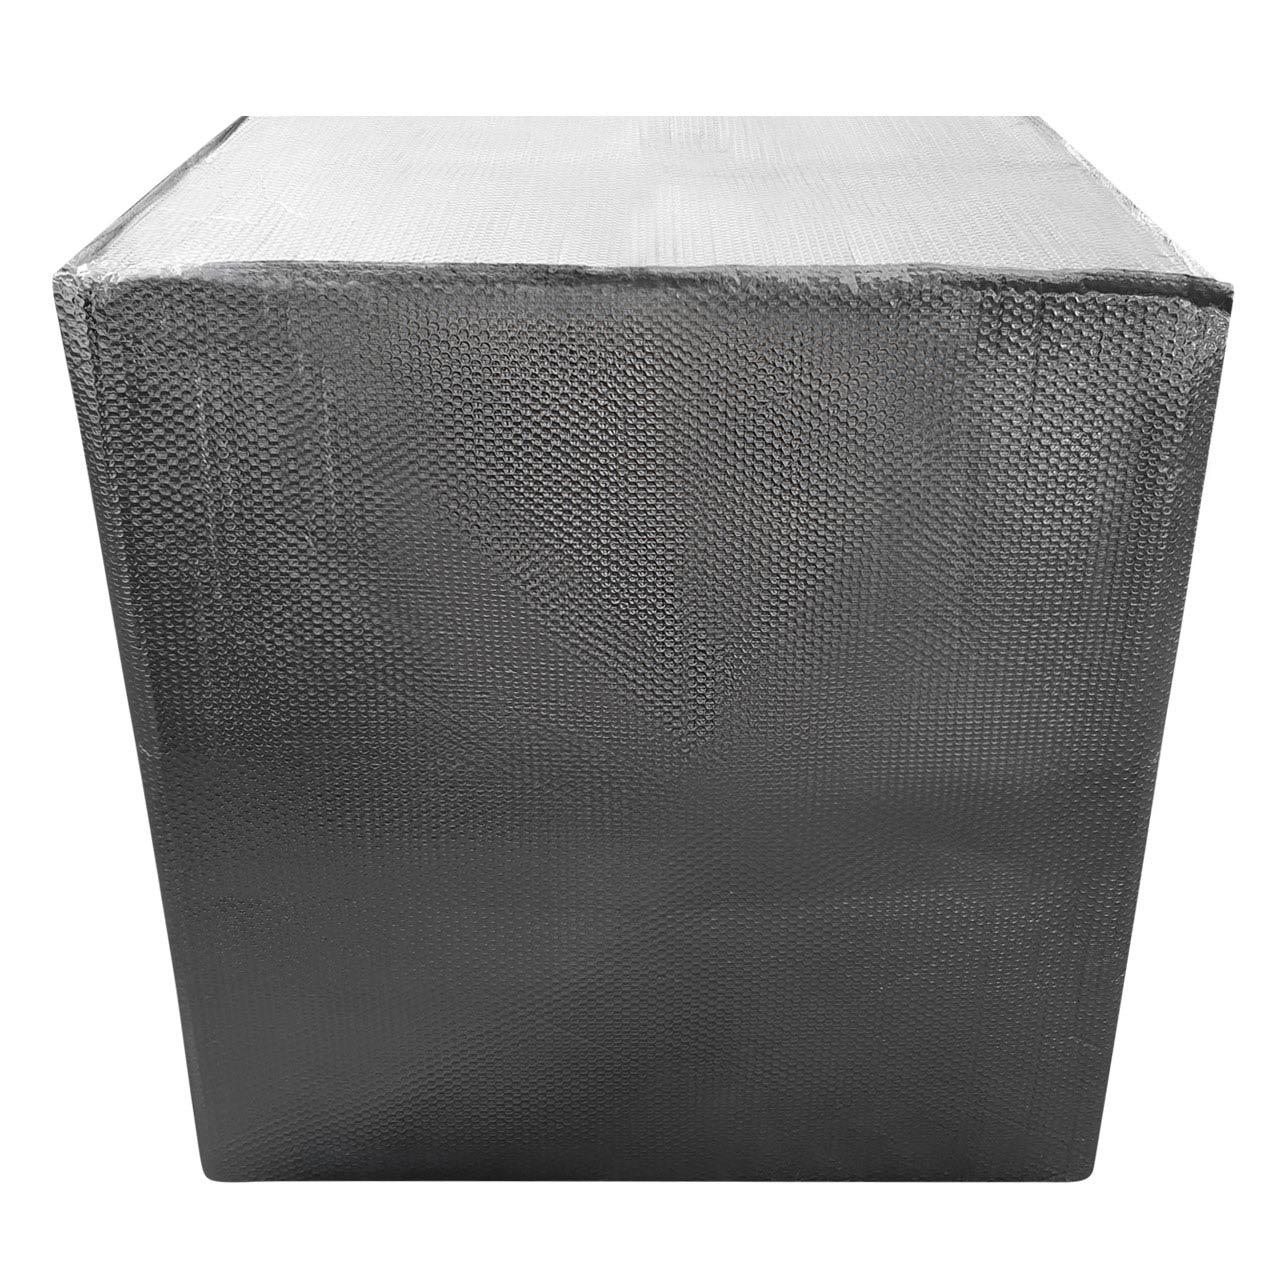 IBC Container Wassertank Thermohaube als Hitzeschutz /& Frostschutz Thermohülle